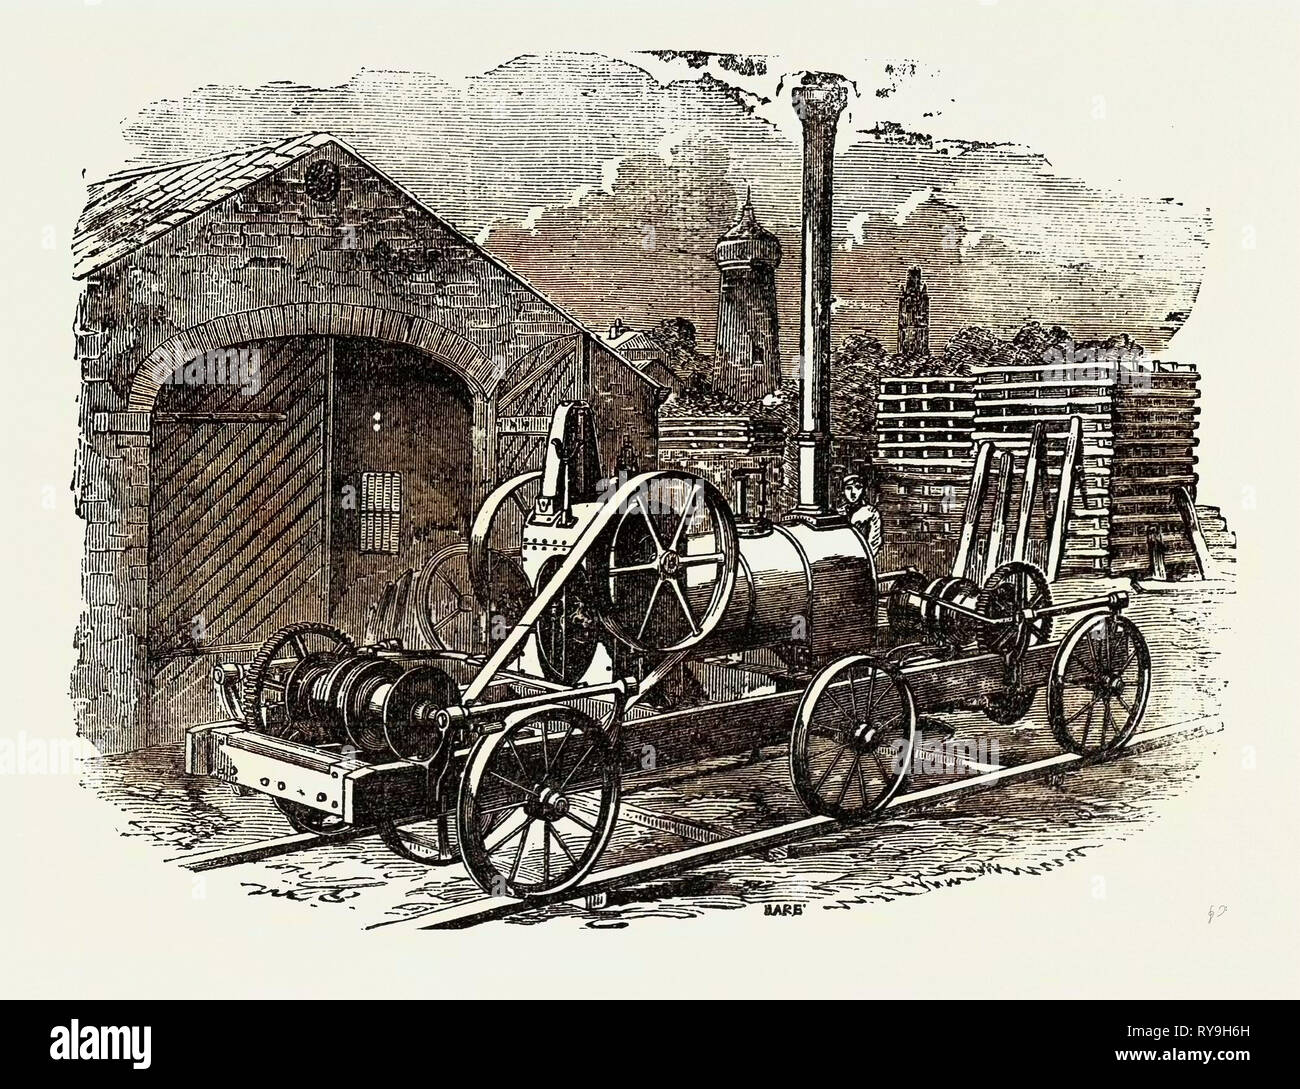 """Tuxford et Fils"""" Pile-Driving, moteur à vapeur avec deux achats à double effet pour le levage 4 béliers à la fois Photo Stock"""